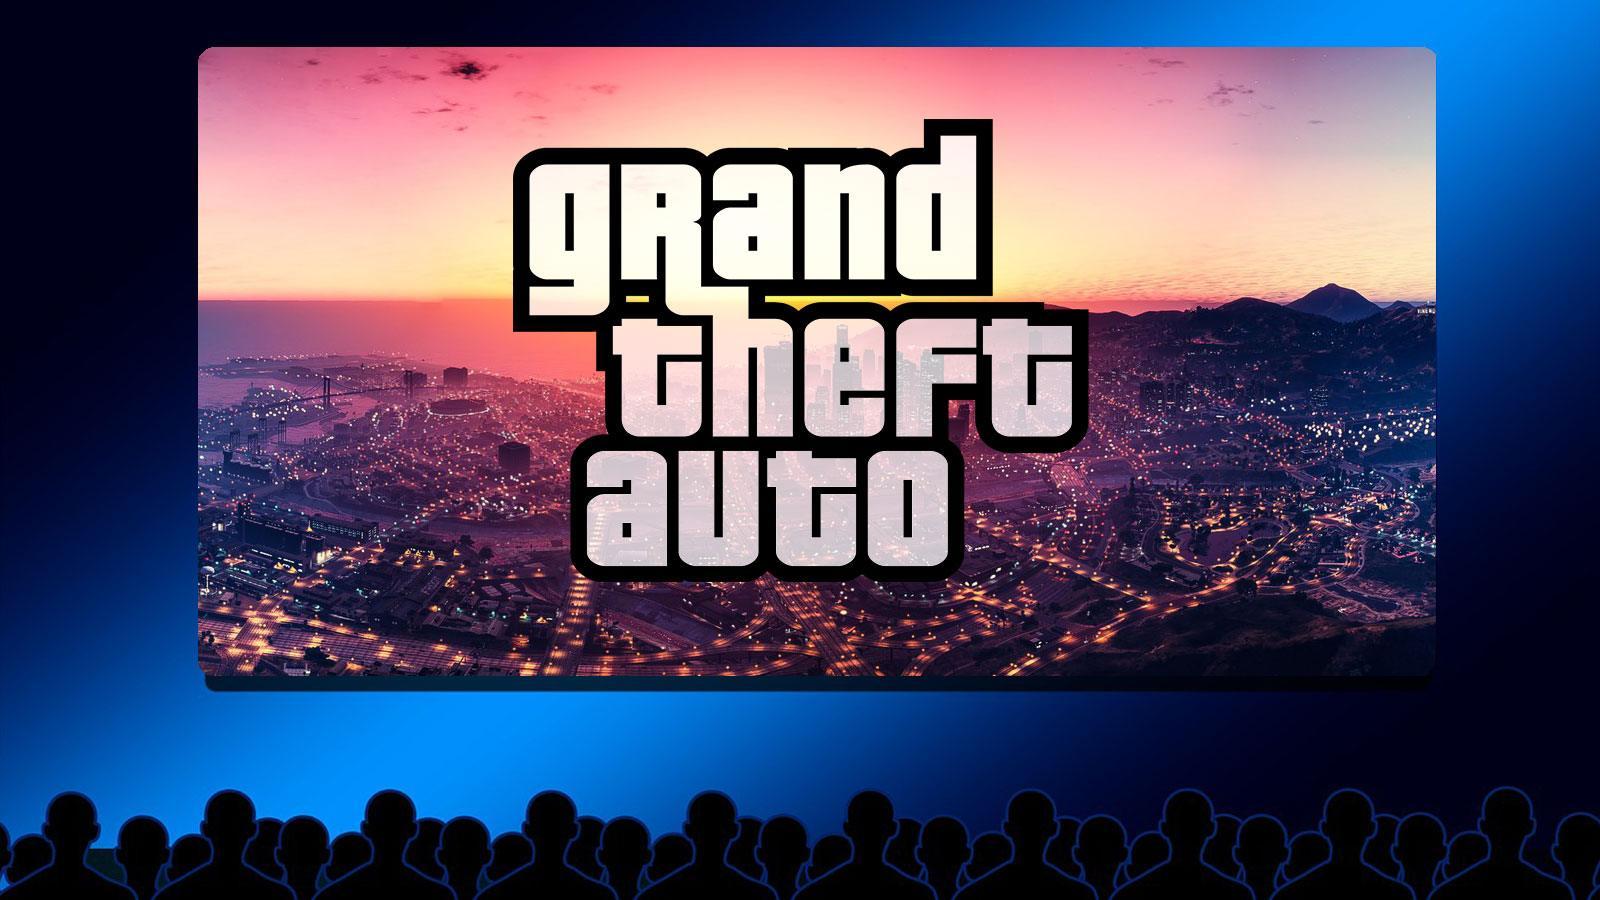 Le film Grand Theft Auto